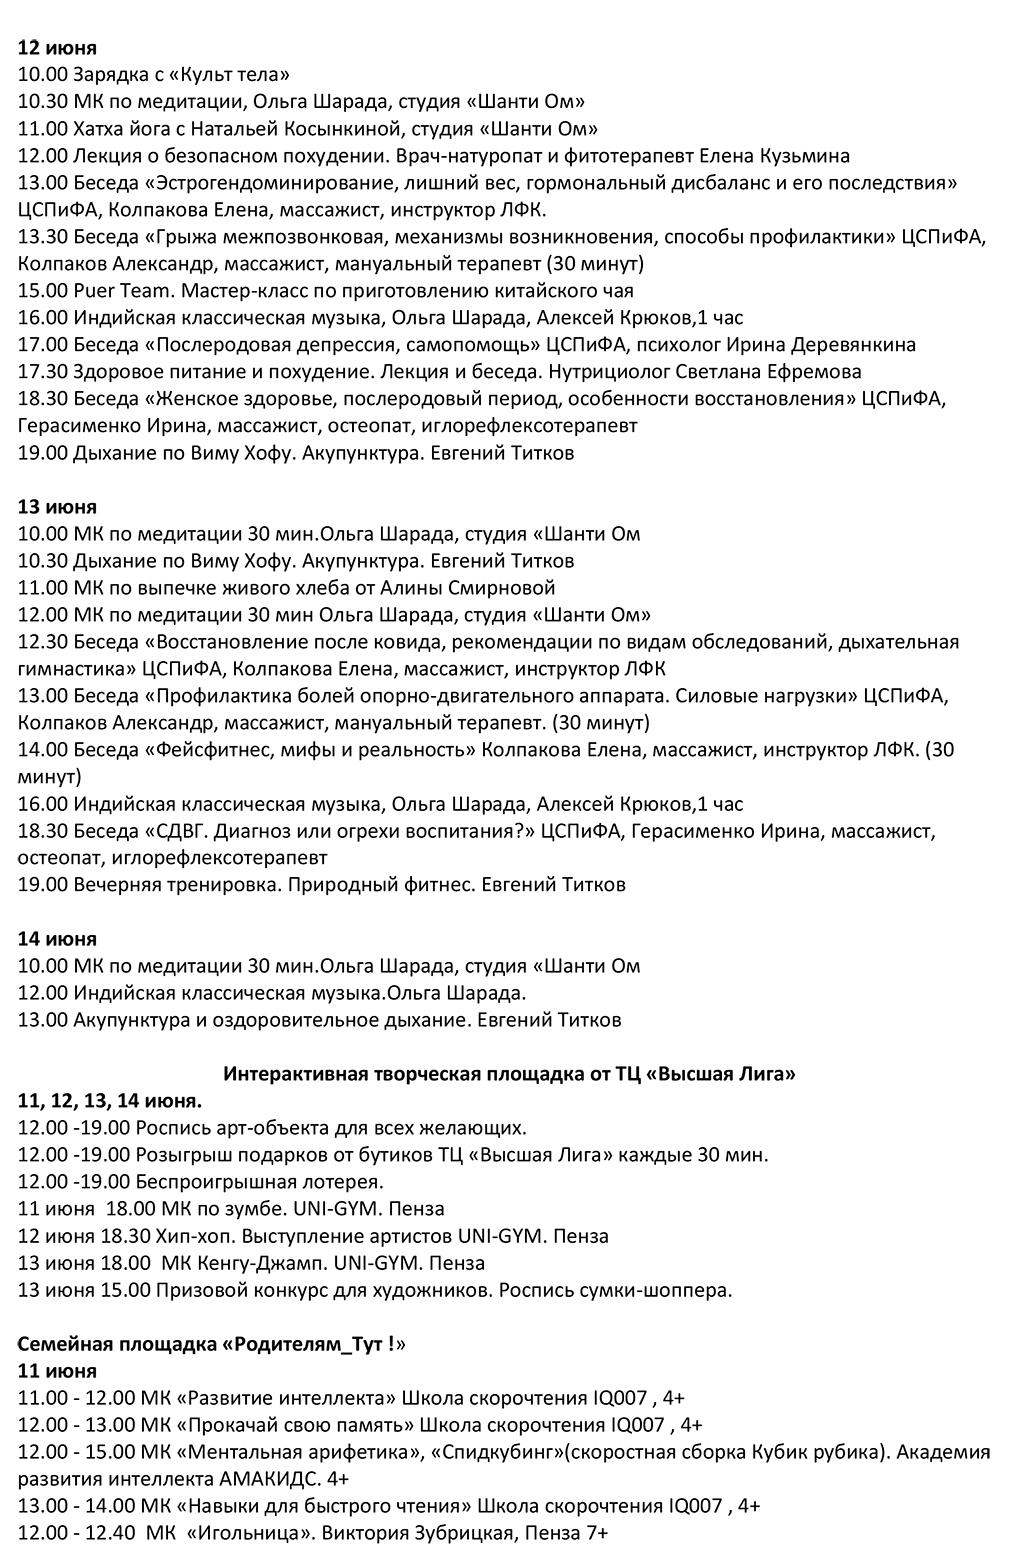 Пензенцев ждет самое лучшее событие России